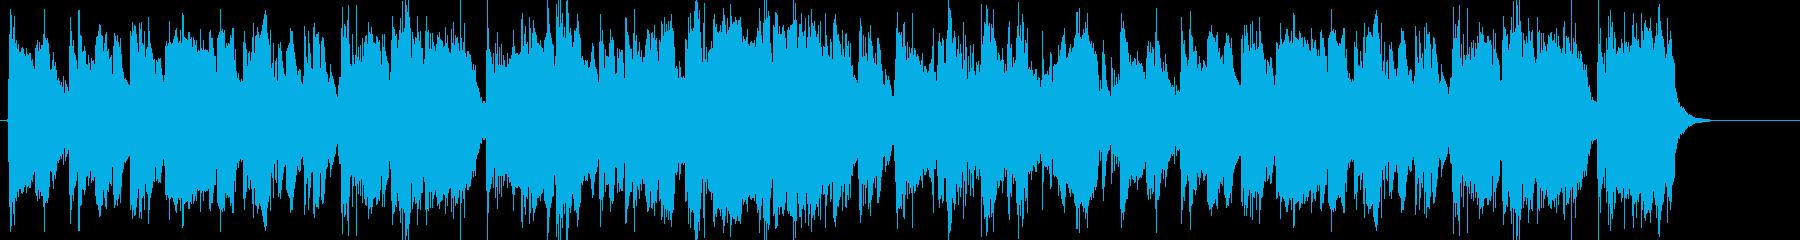 南国をイメージしたボサノバの再生済みの波形